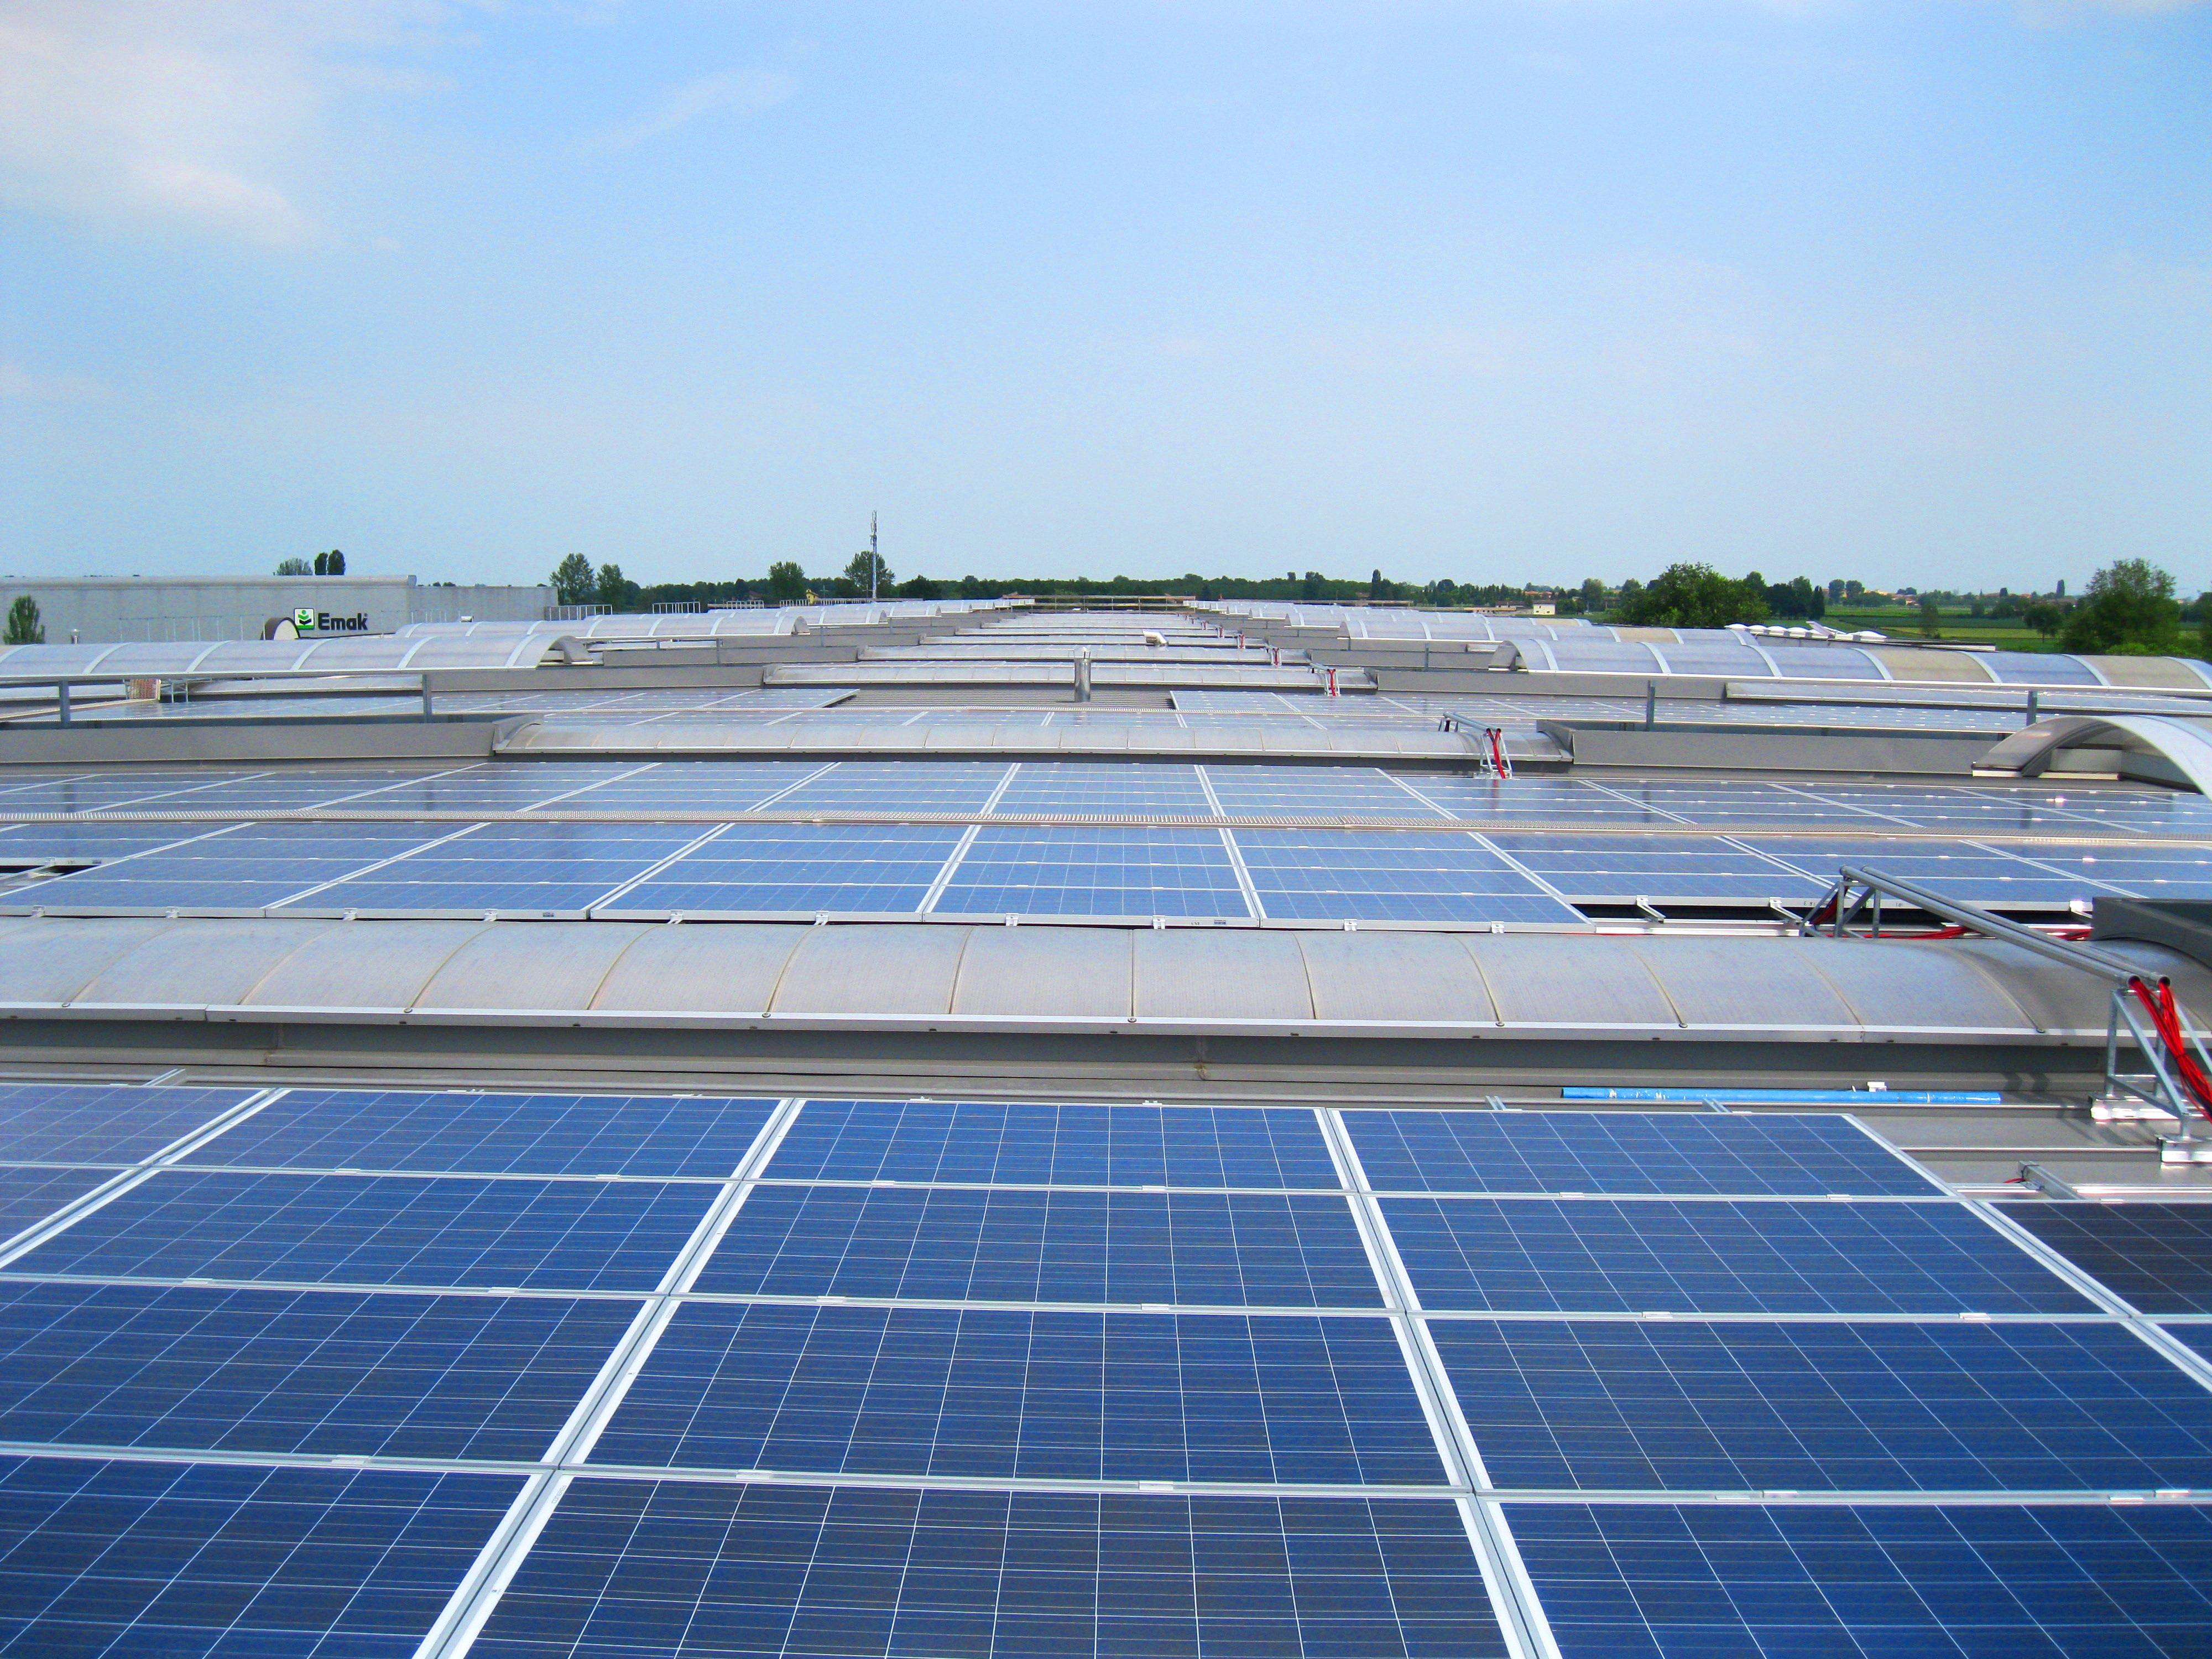 Energías renovables: Central de energía solar fotovoltaica de Conergy en la cubierta de la fábrica de queso Pago Los Vivales en Zamora